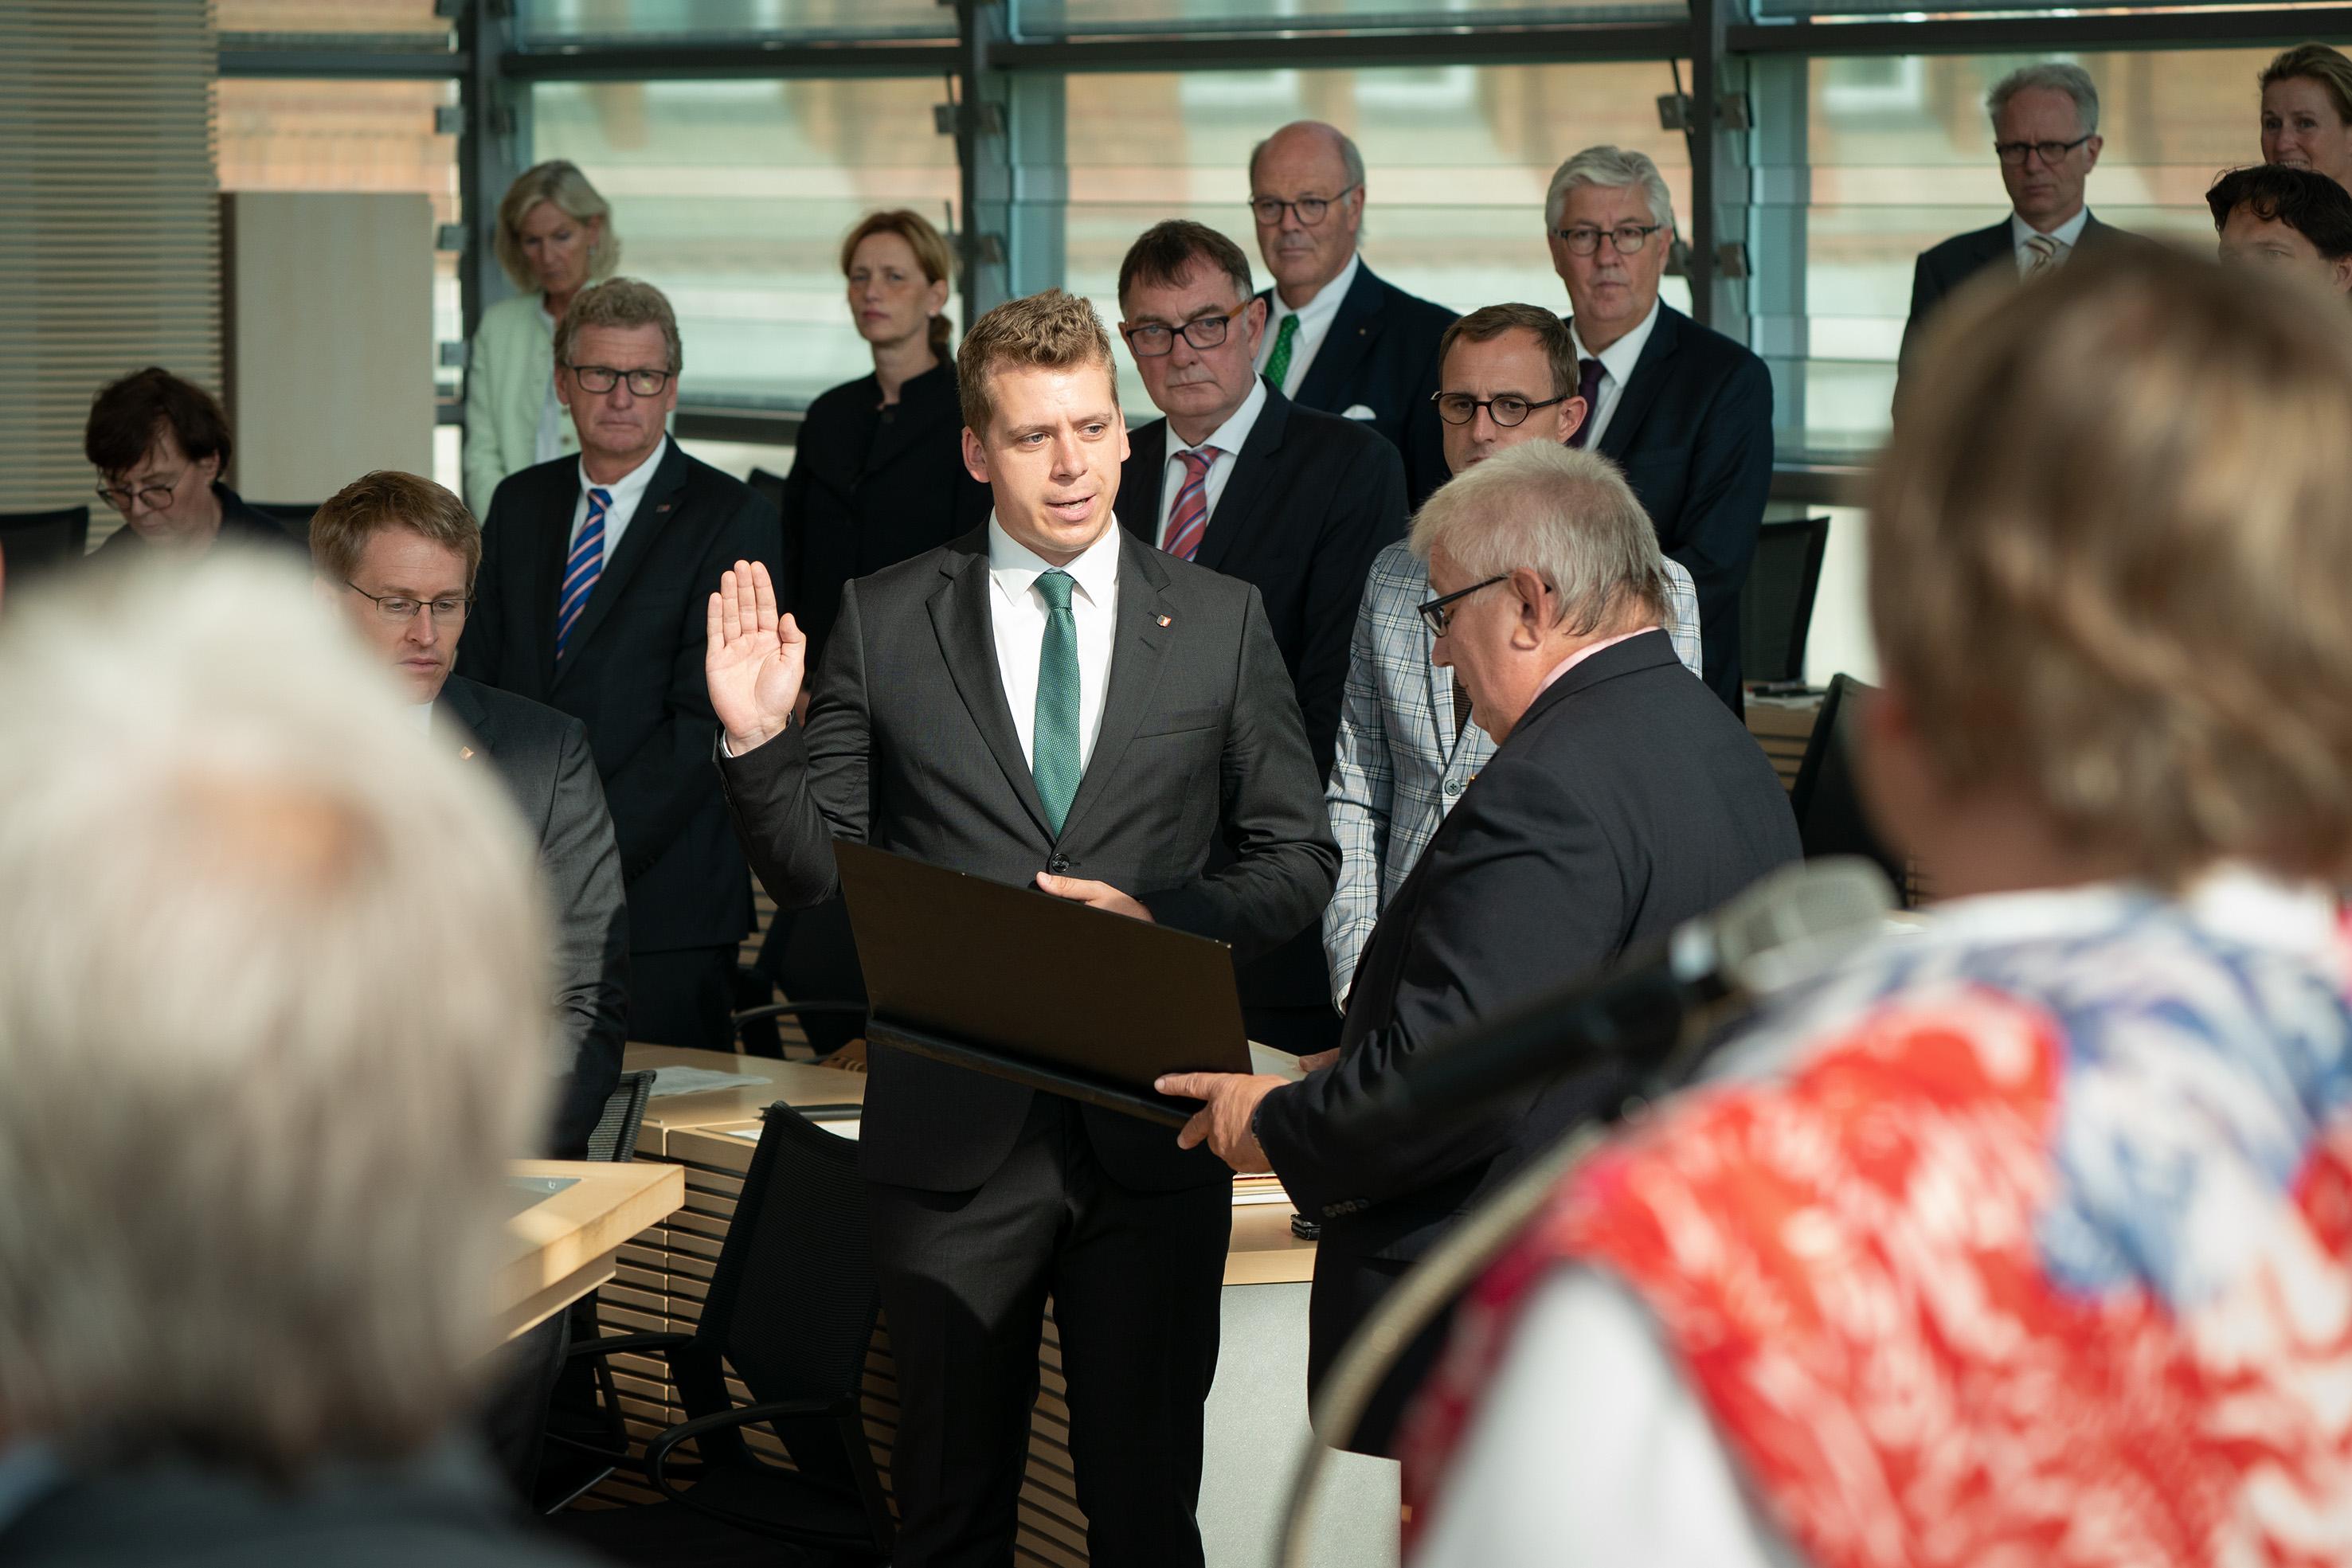 Vereidigung im Landtag